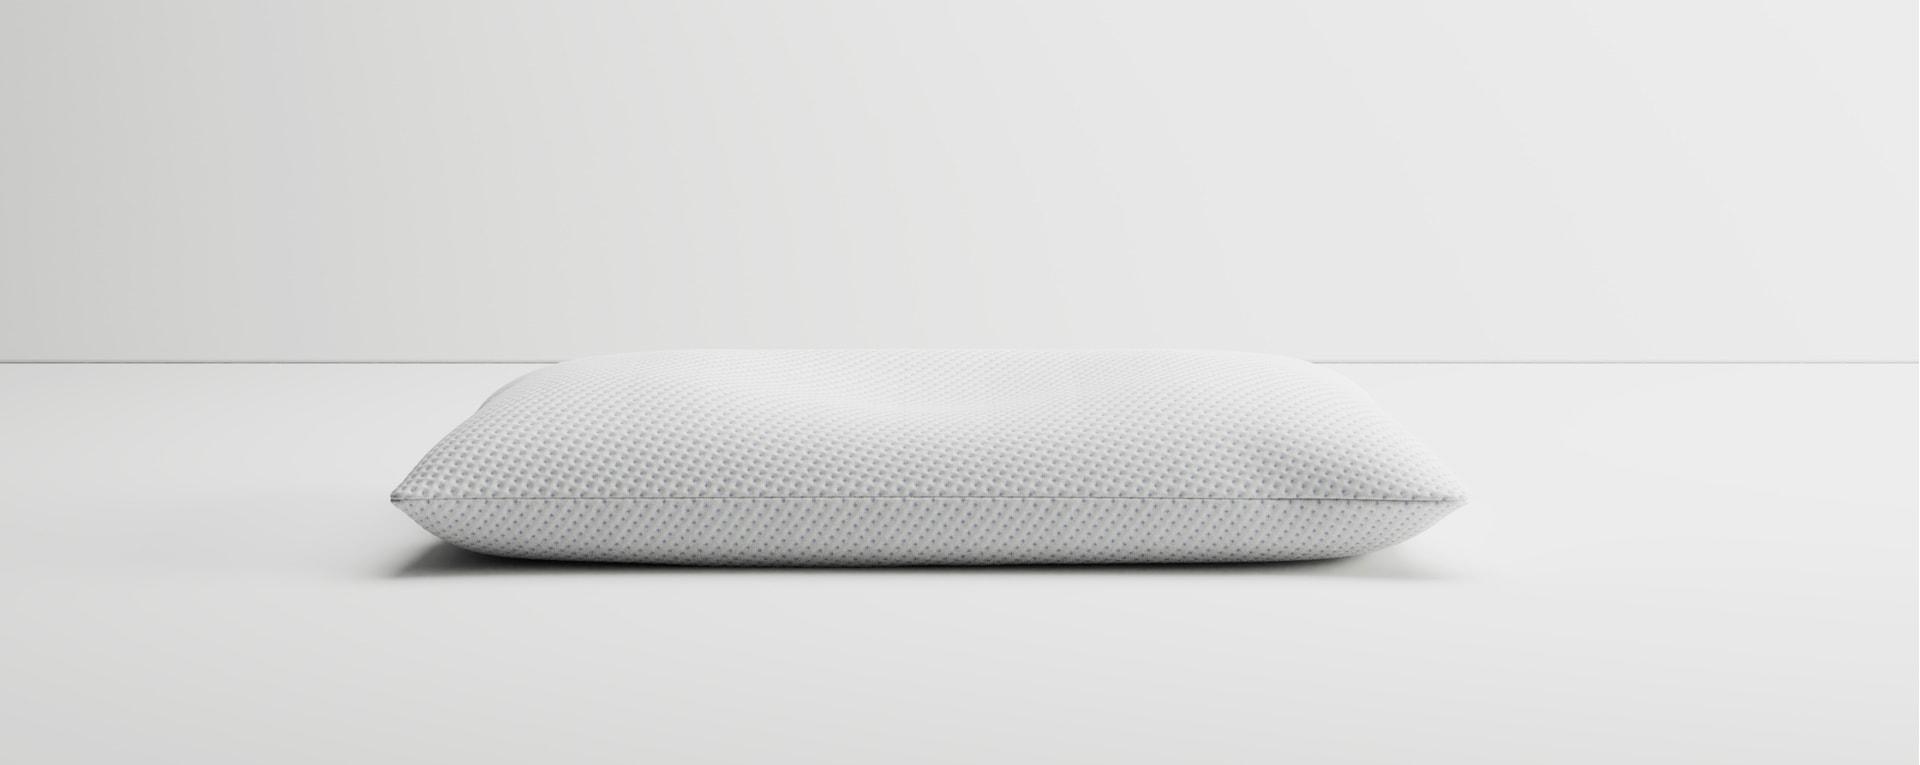 Comfort That Feels Custom